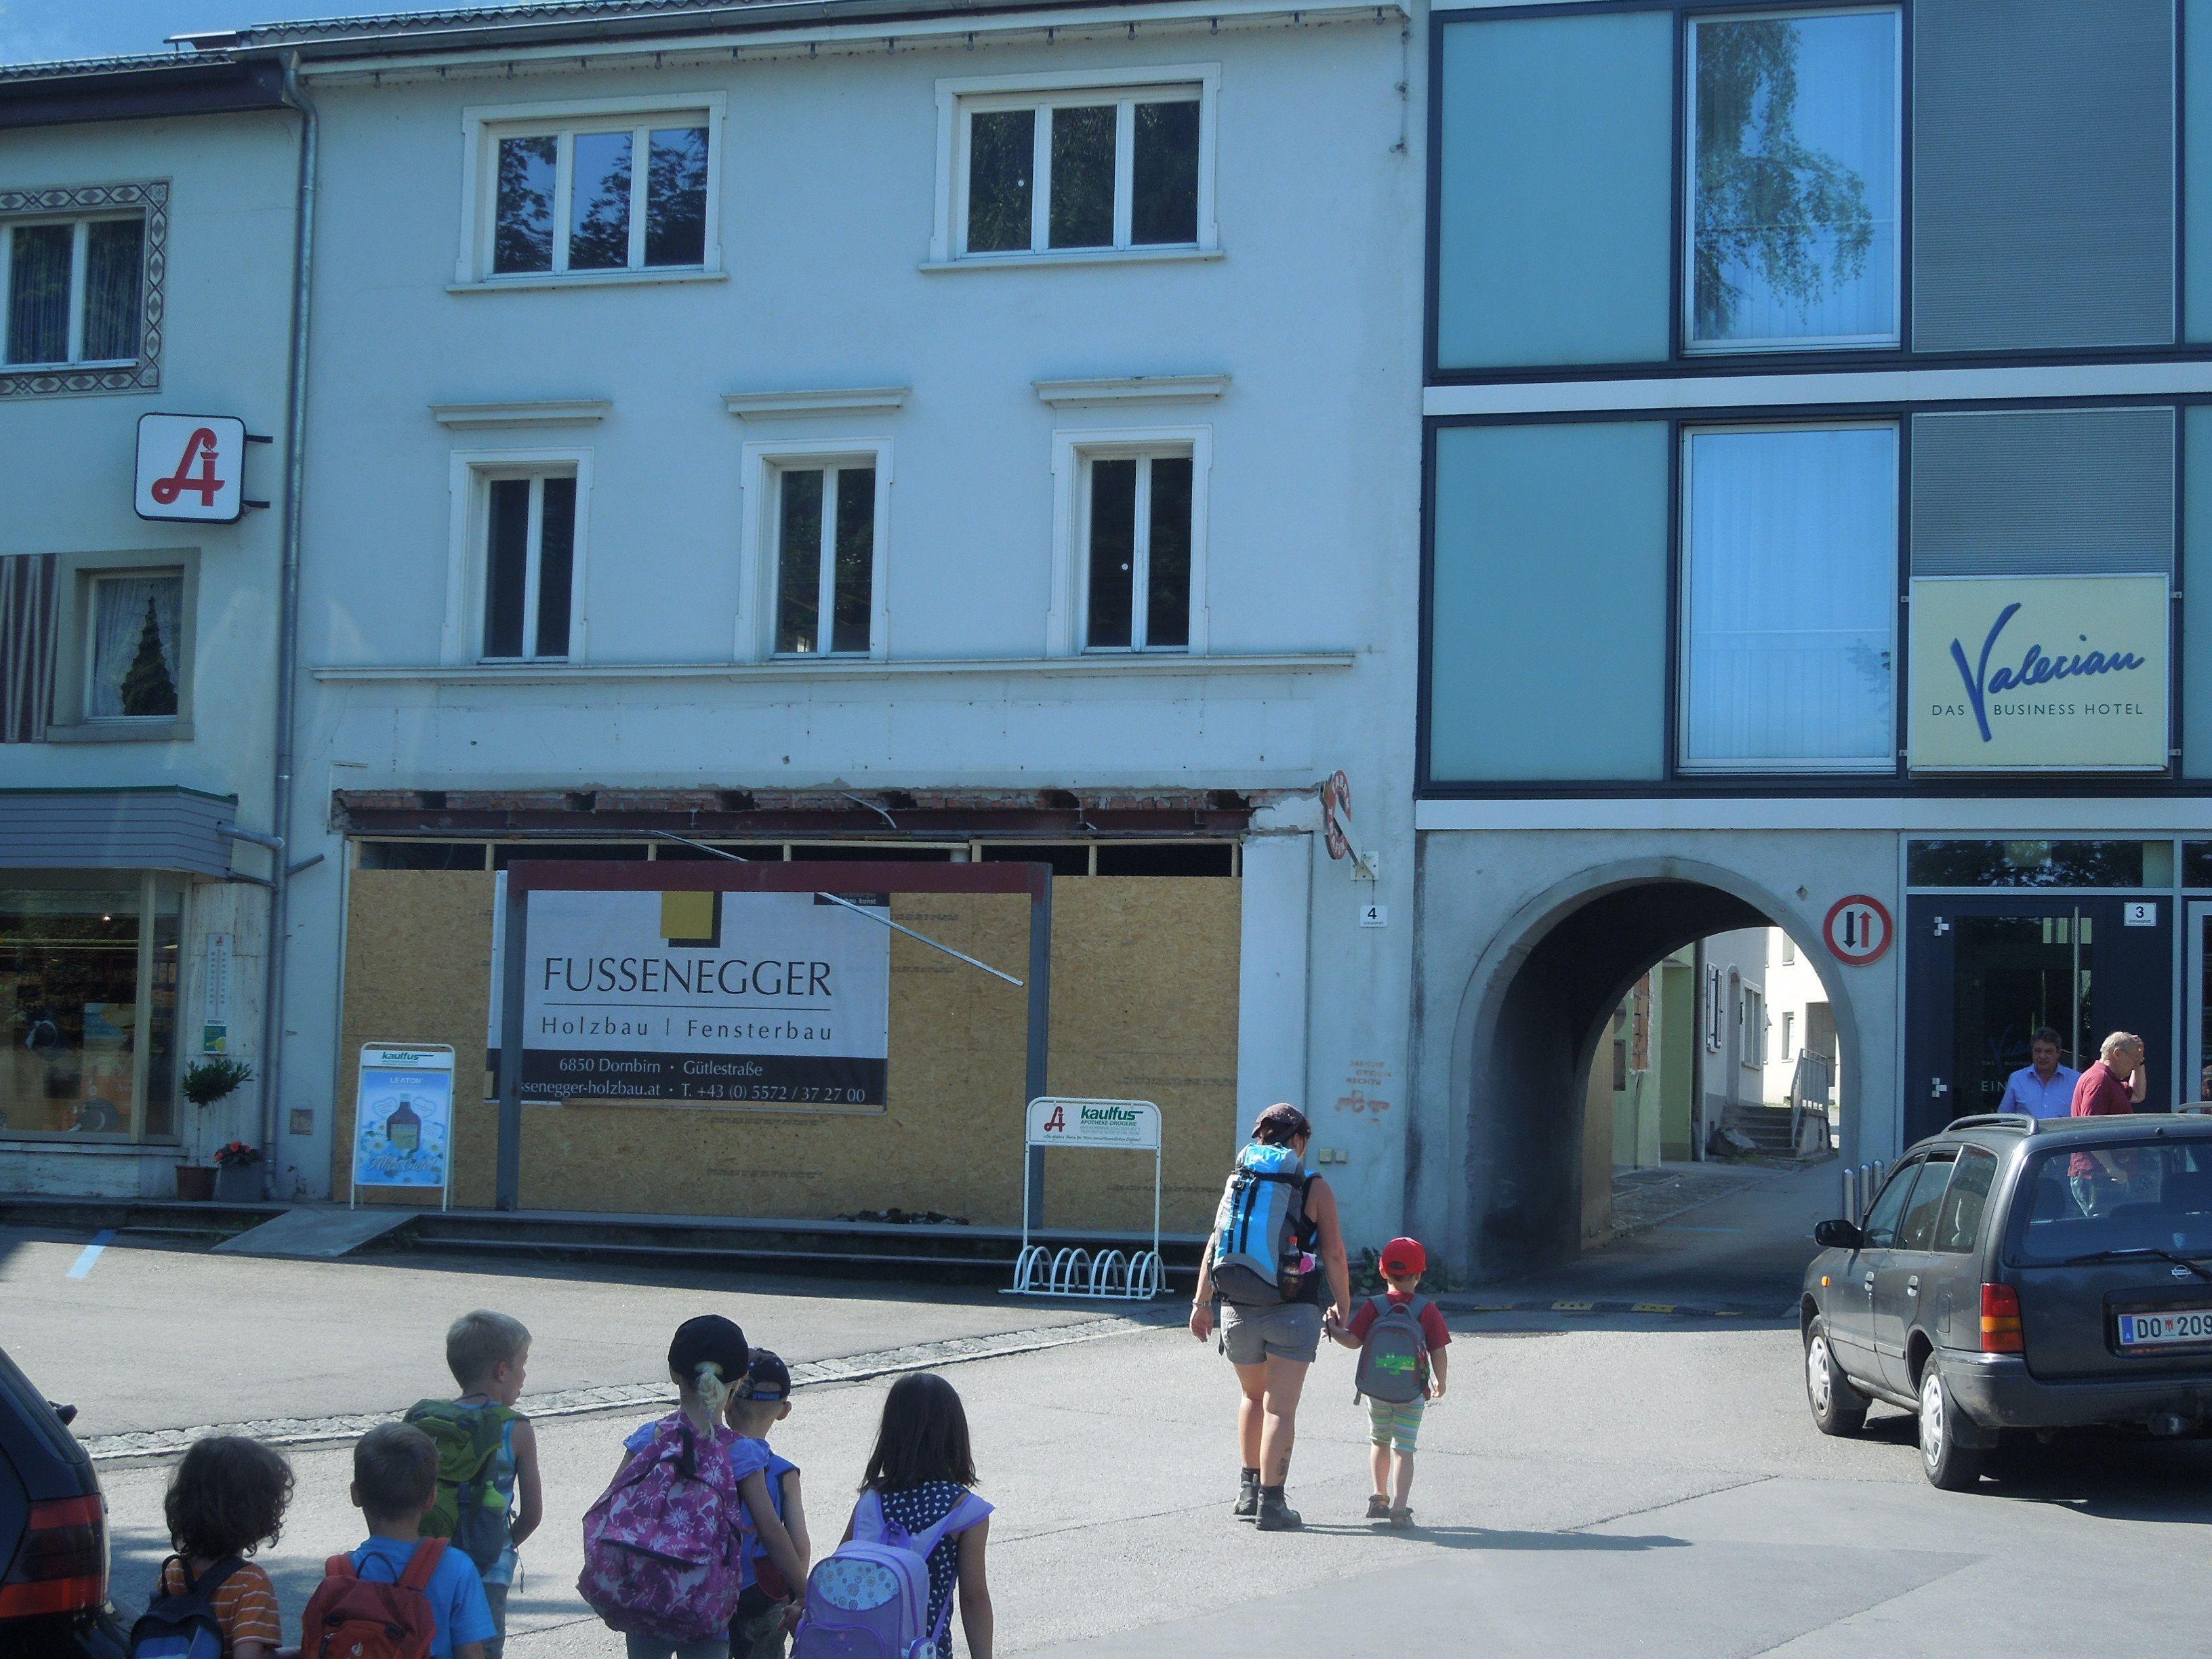 Am Schloßplatz 3 wird gerade renoviert. Der obere Teil bleibt ein Wohnaus, im unteren entsteht ein kleines Geschäftslokal.